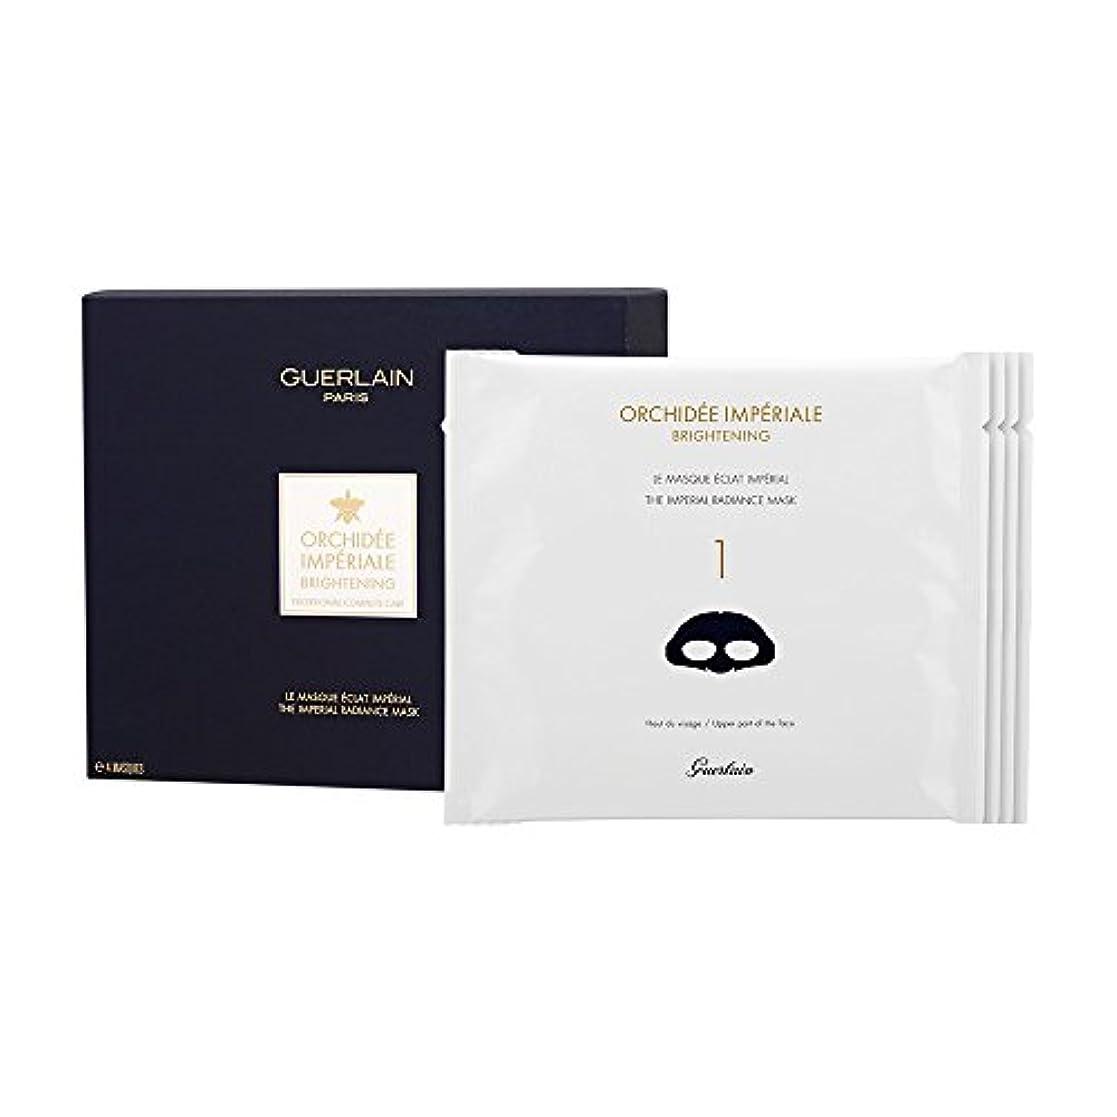 セールスマン強盗乳剤ゲラン(Guerlain) オーキデ アンペリアル ザ ラディアンス マスク 4Masks [並行輸入品]